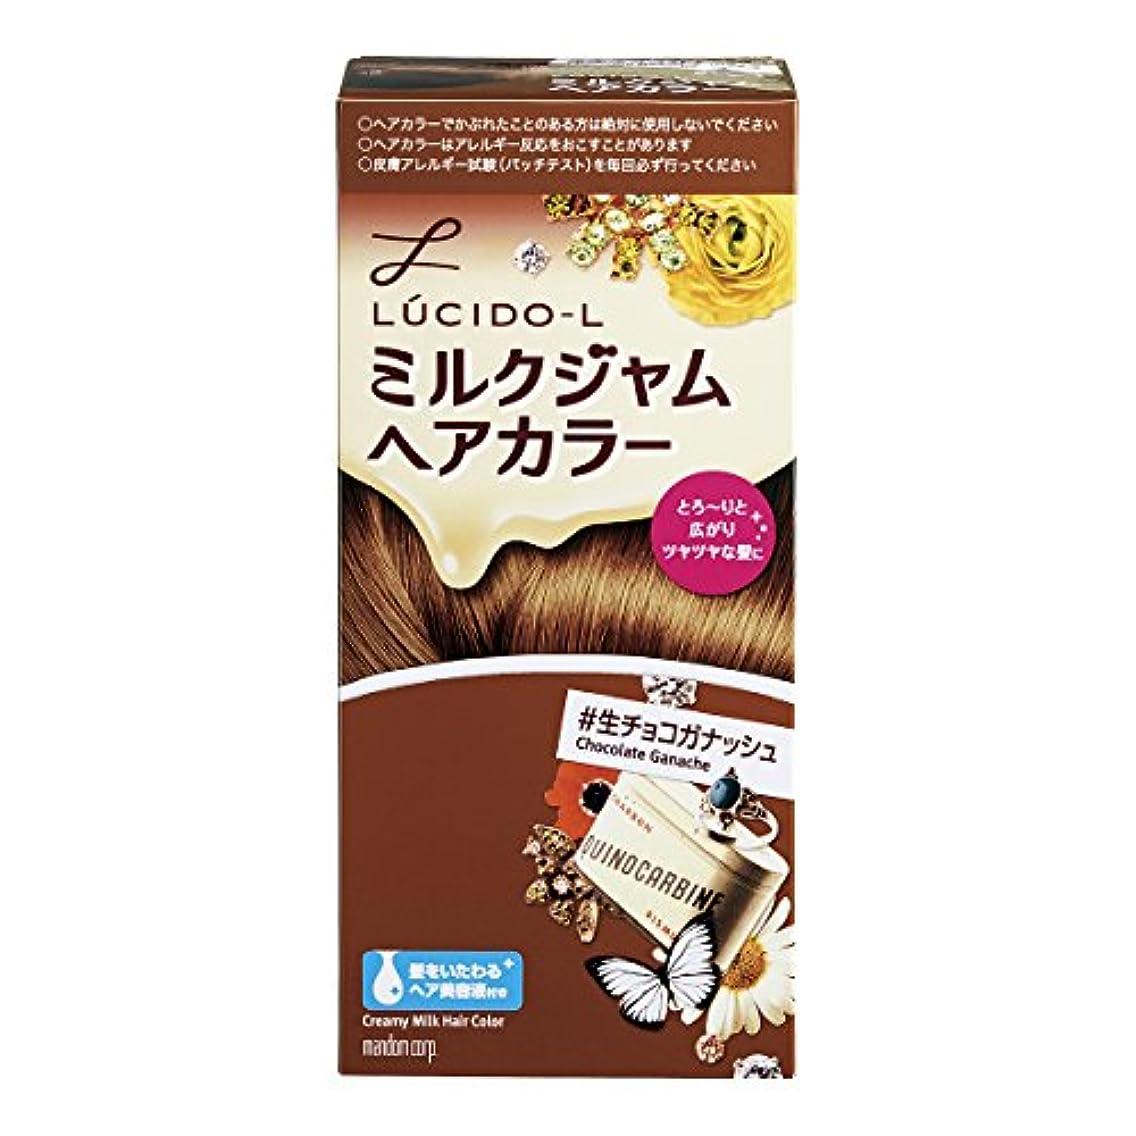 膨らませる動揺させる留まるLUCIDO-L (ルシードエル) ミルクジャムヘアカラー #生チョコガナッシュ1剤40g?2剤80ml?TR5g  (医薬部外品)